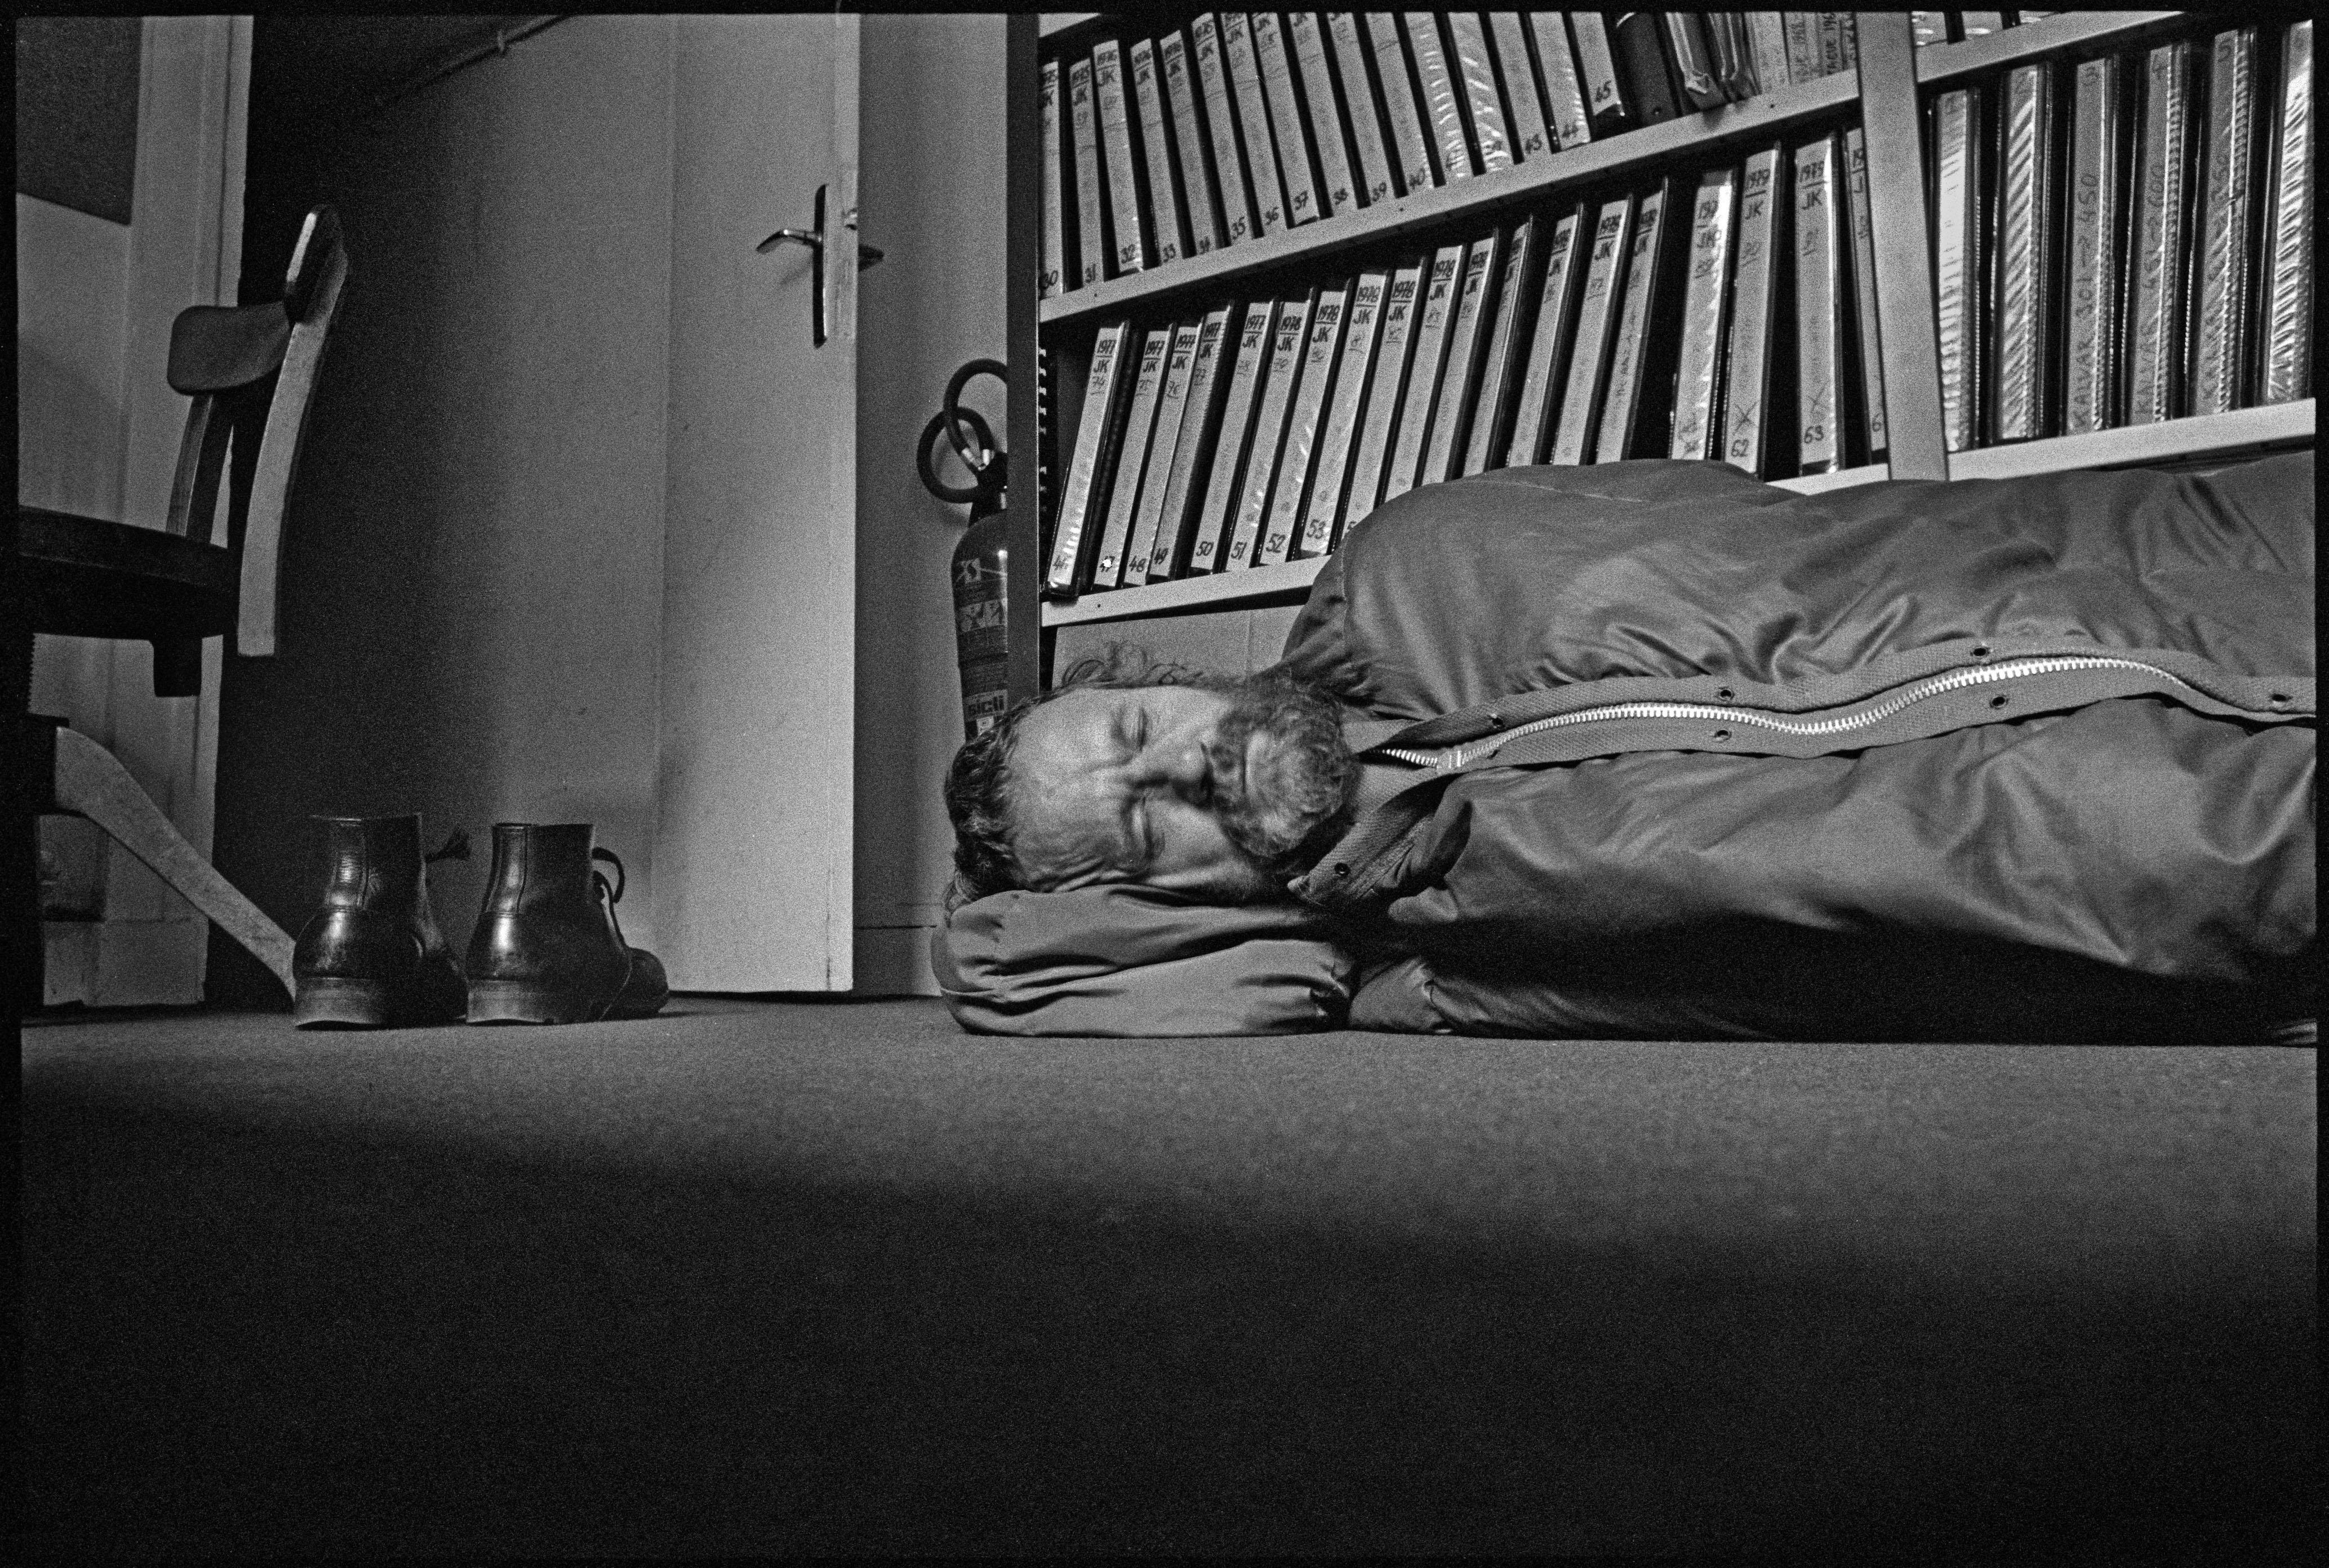 Josef Koudelka: A Magnum Fotóügynökség irodájában, Párizs, 1984<br />© Josef Koudelka / Magnum Photos